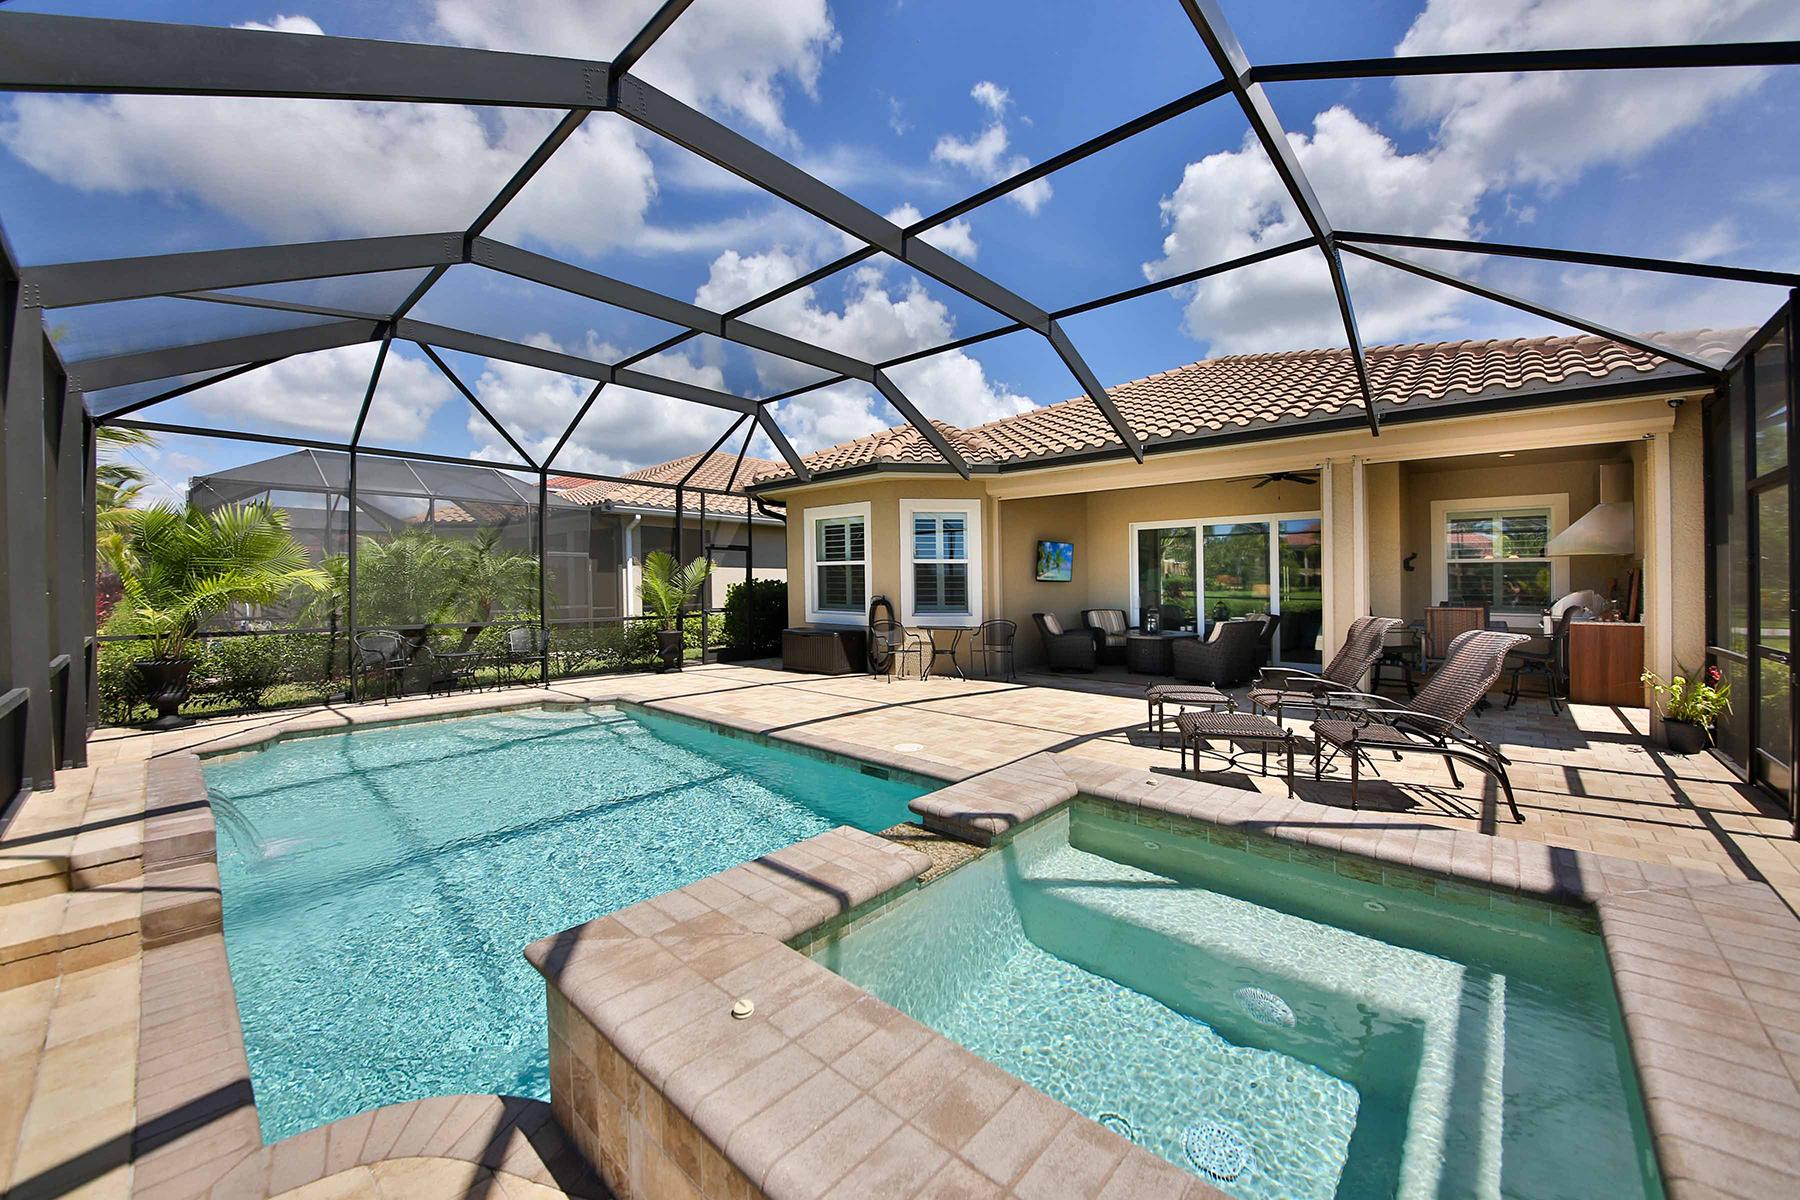 一戸建て のために 売買 アット FIDDLER'S CREEK - AMADOR 9245 Campanile Cir Naples, フロリダ, 34114 アメリカ合衆国